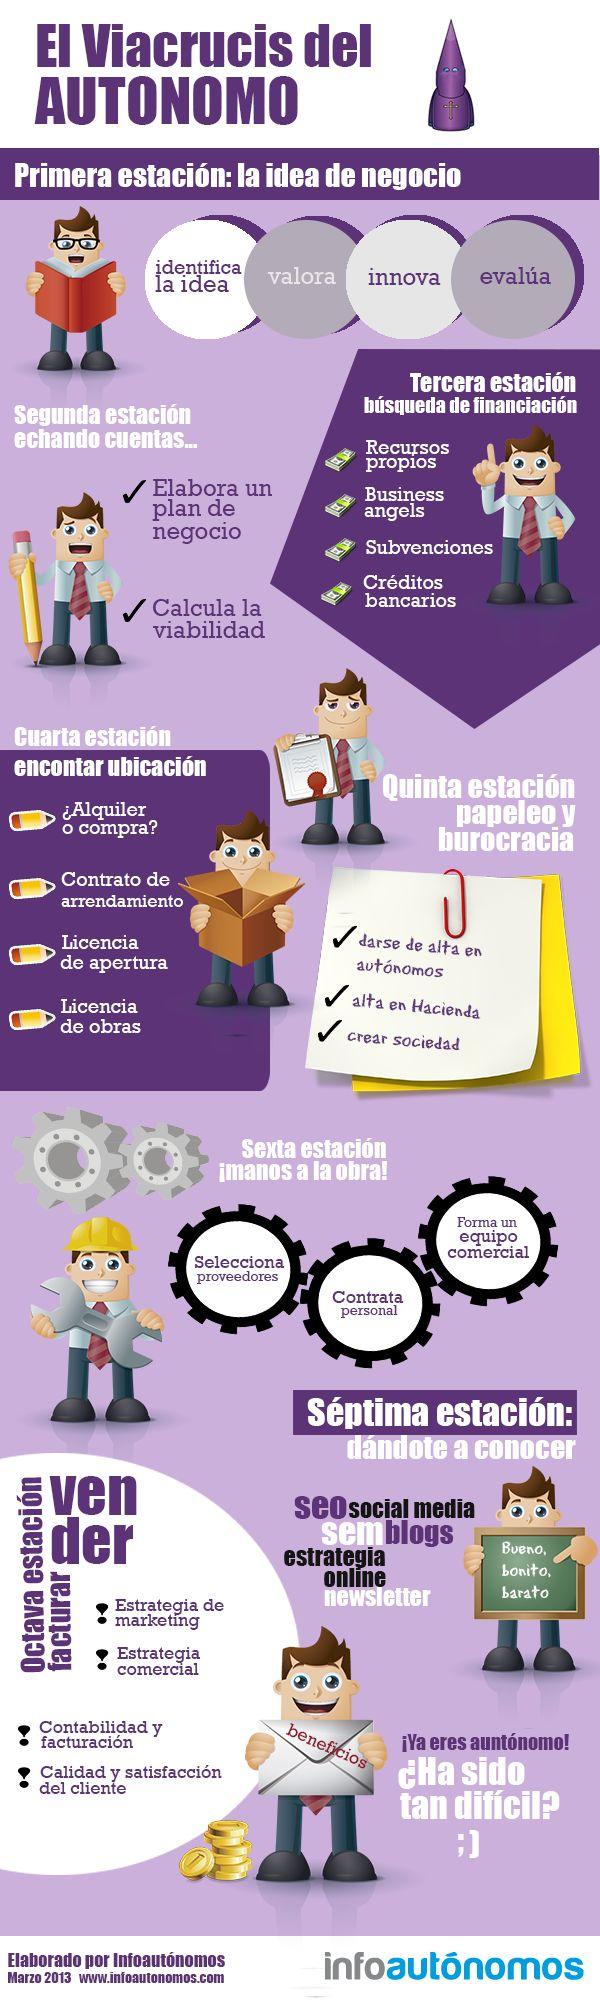 El Viacrucis del Autónomo #Infografías de Infoautonomos.com.